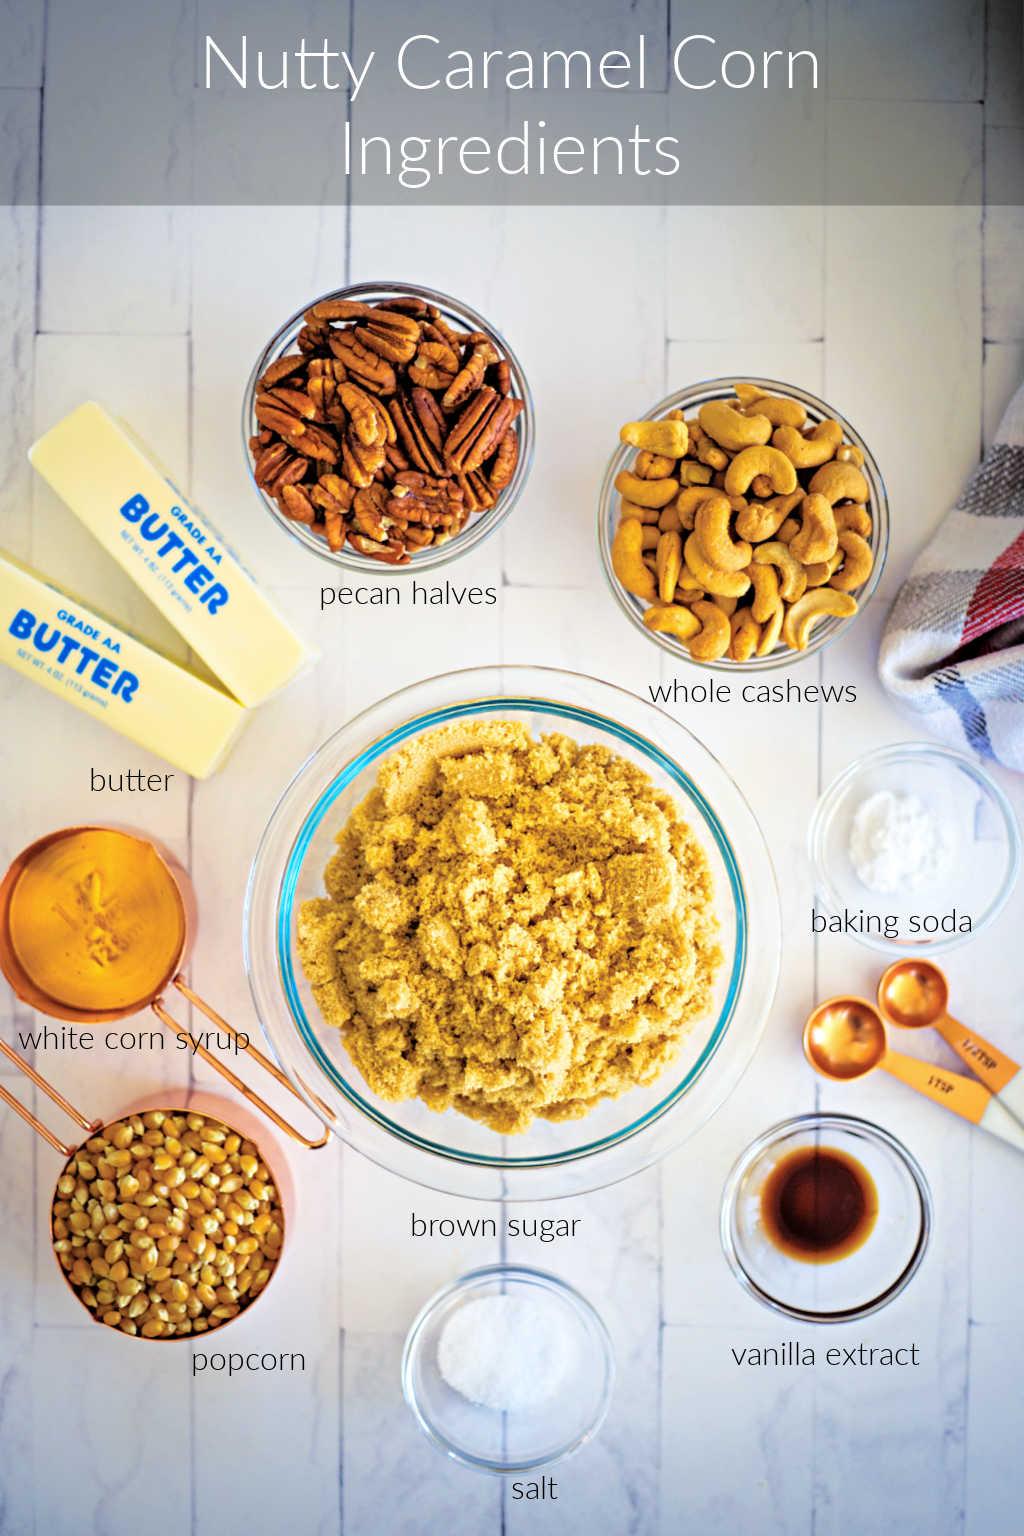 ingredients for caramel corn